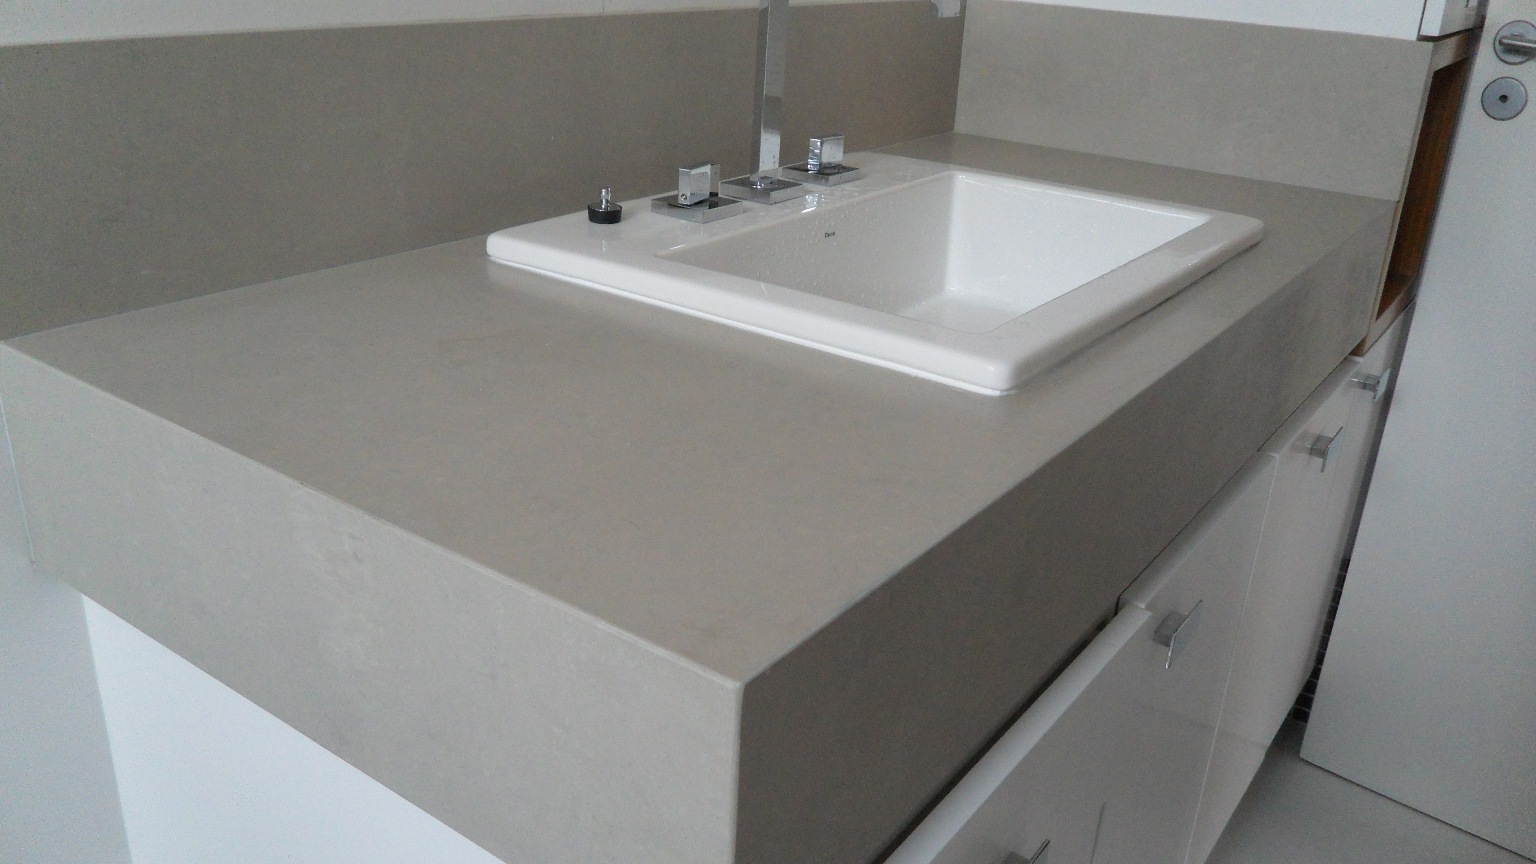 porcelanato.: Bancada e Nicho Porcelanato Portinari por Bel Taglio #596672 1536x864 Bancada Banheiro Porcelanato Como Fazer